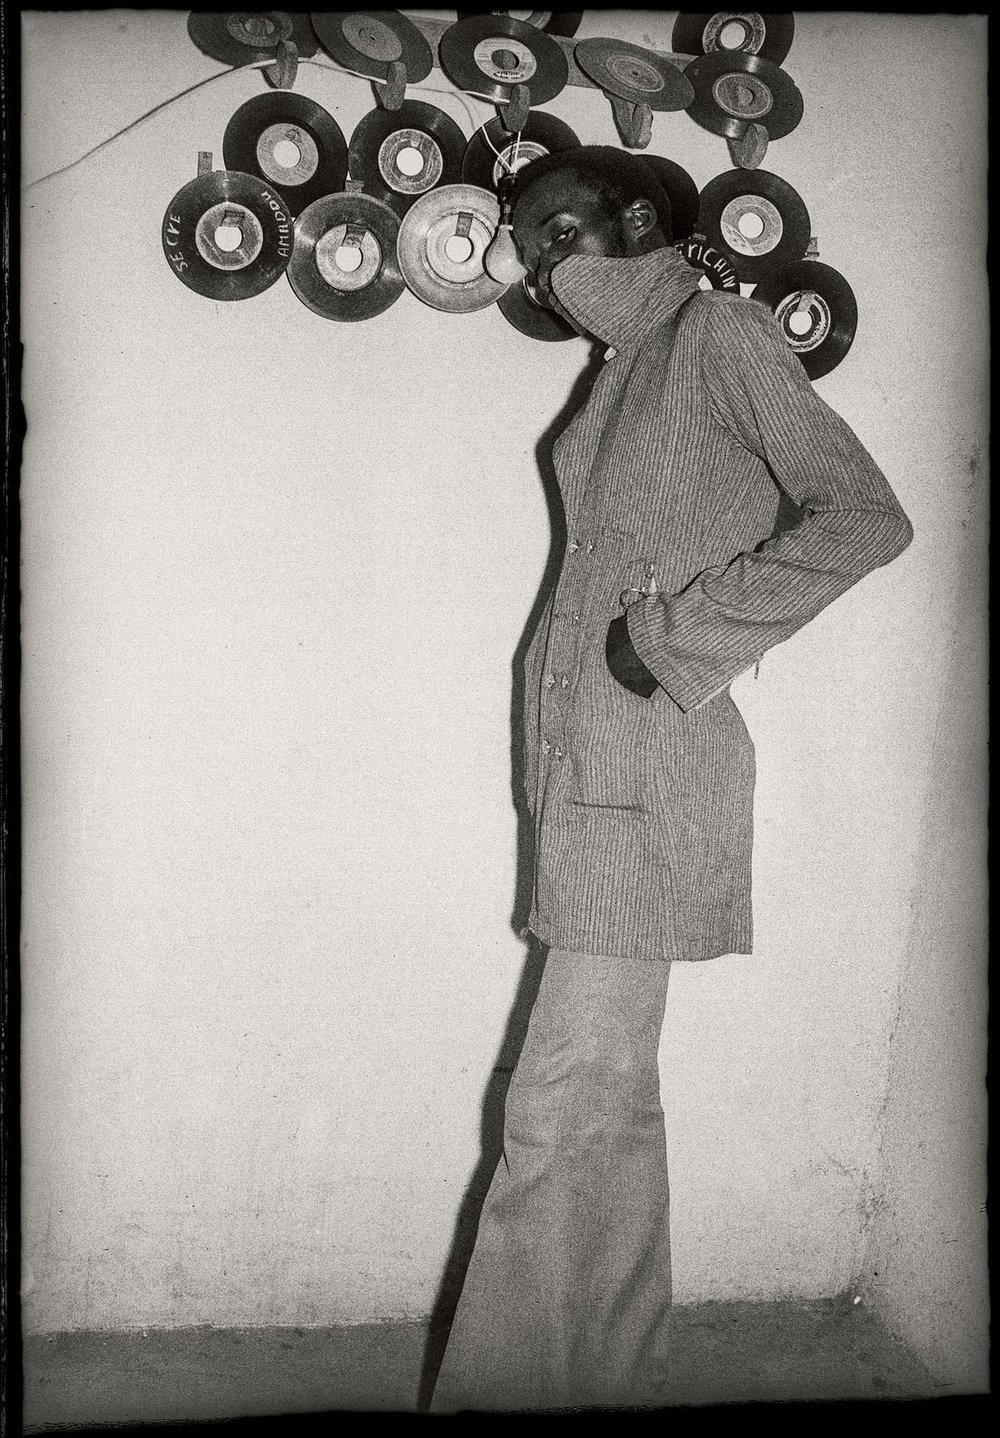 Je Suis Fou des Disques, 1973 © Malick Sidibé/Cartier pour l'art contemporain, Paris